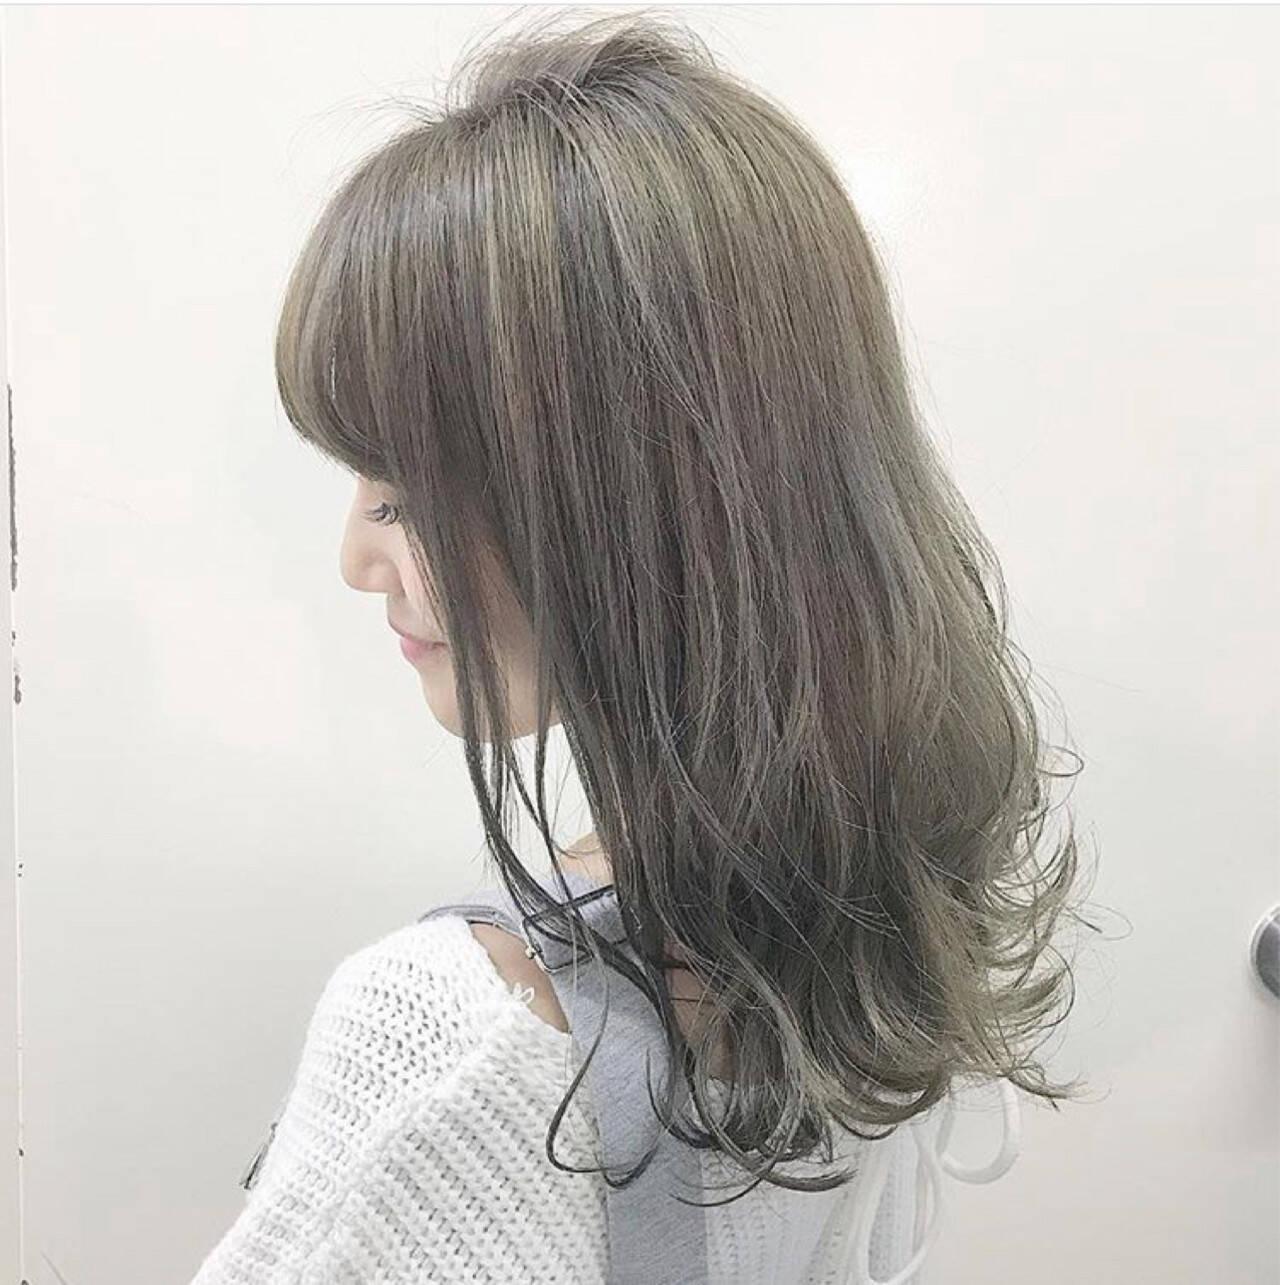 ハイライト 冬 フェミニン ミディアムヘアスタイルや髪型の写真・画像